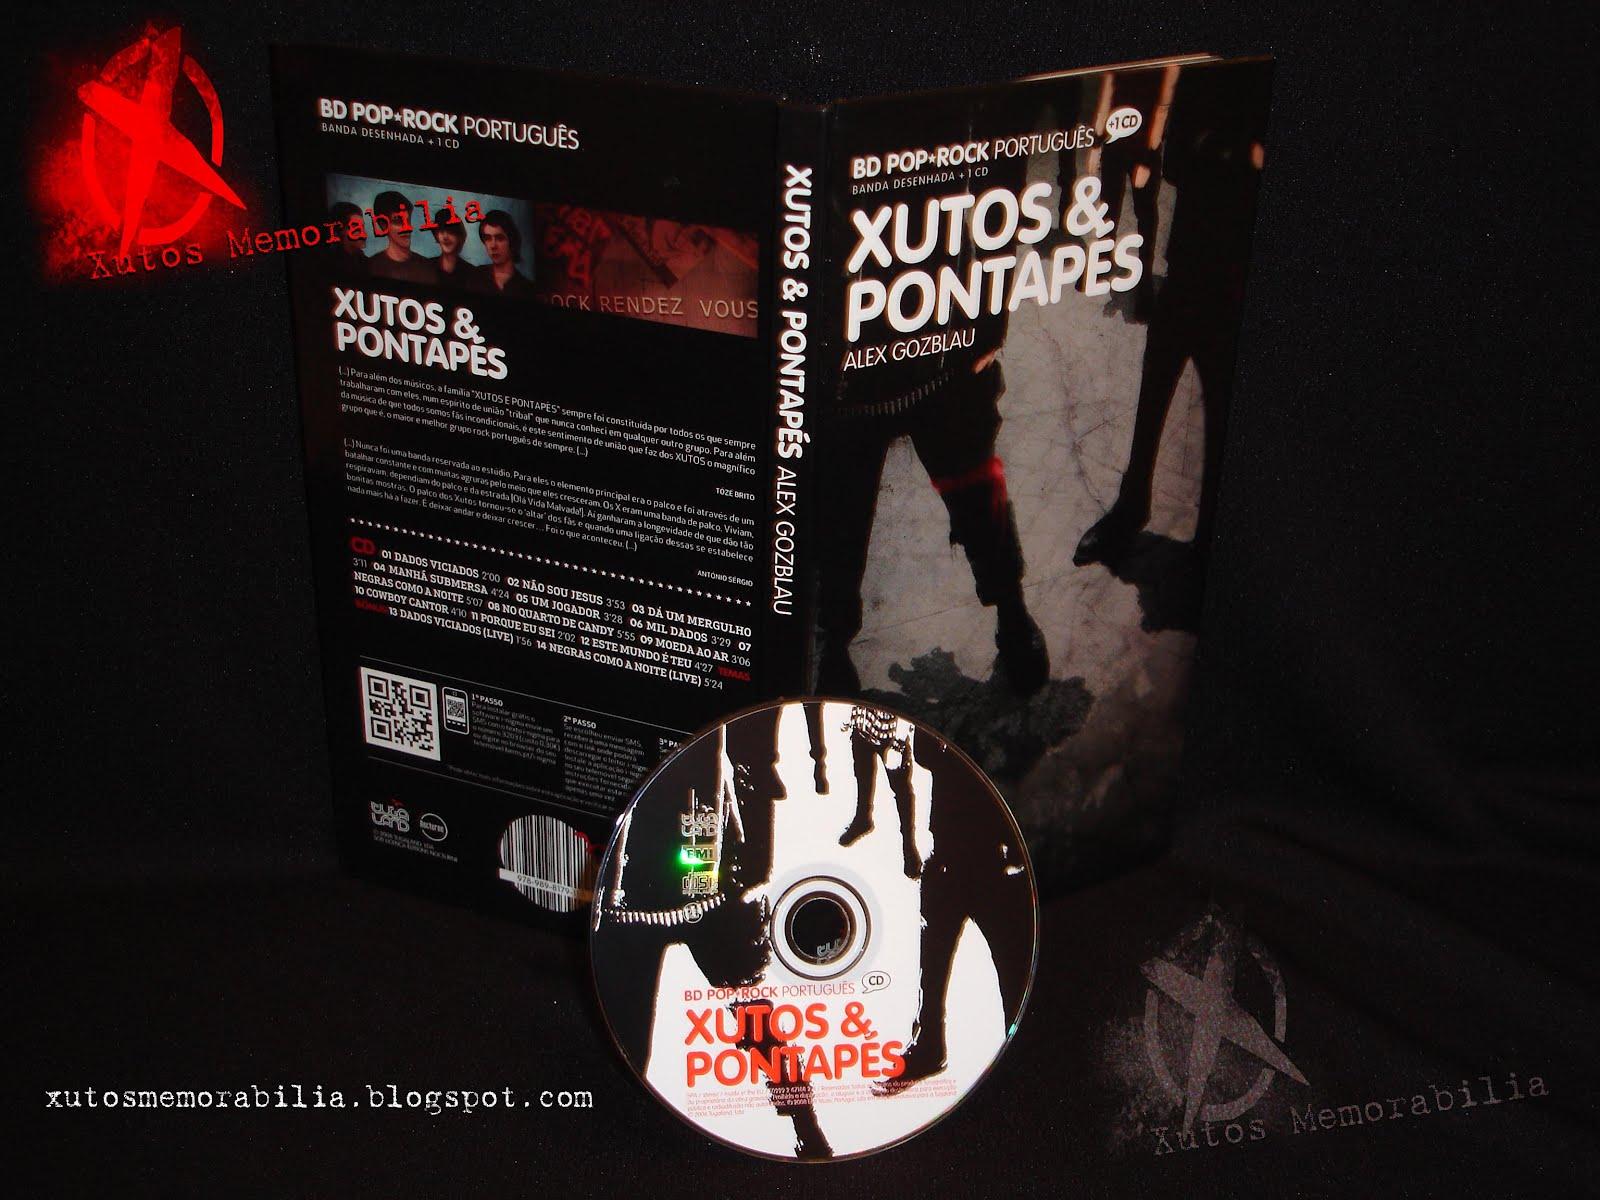 BAIXAR NOVO COMUM EM NX CD ZERO